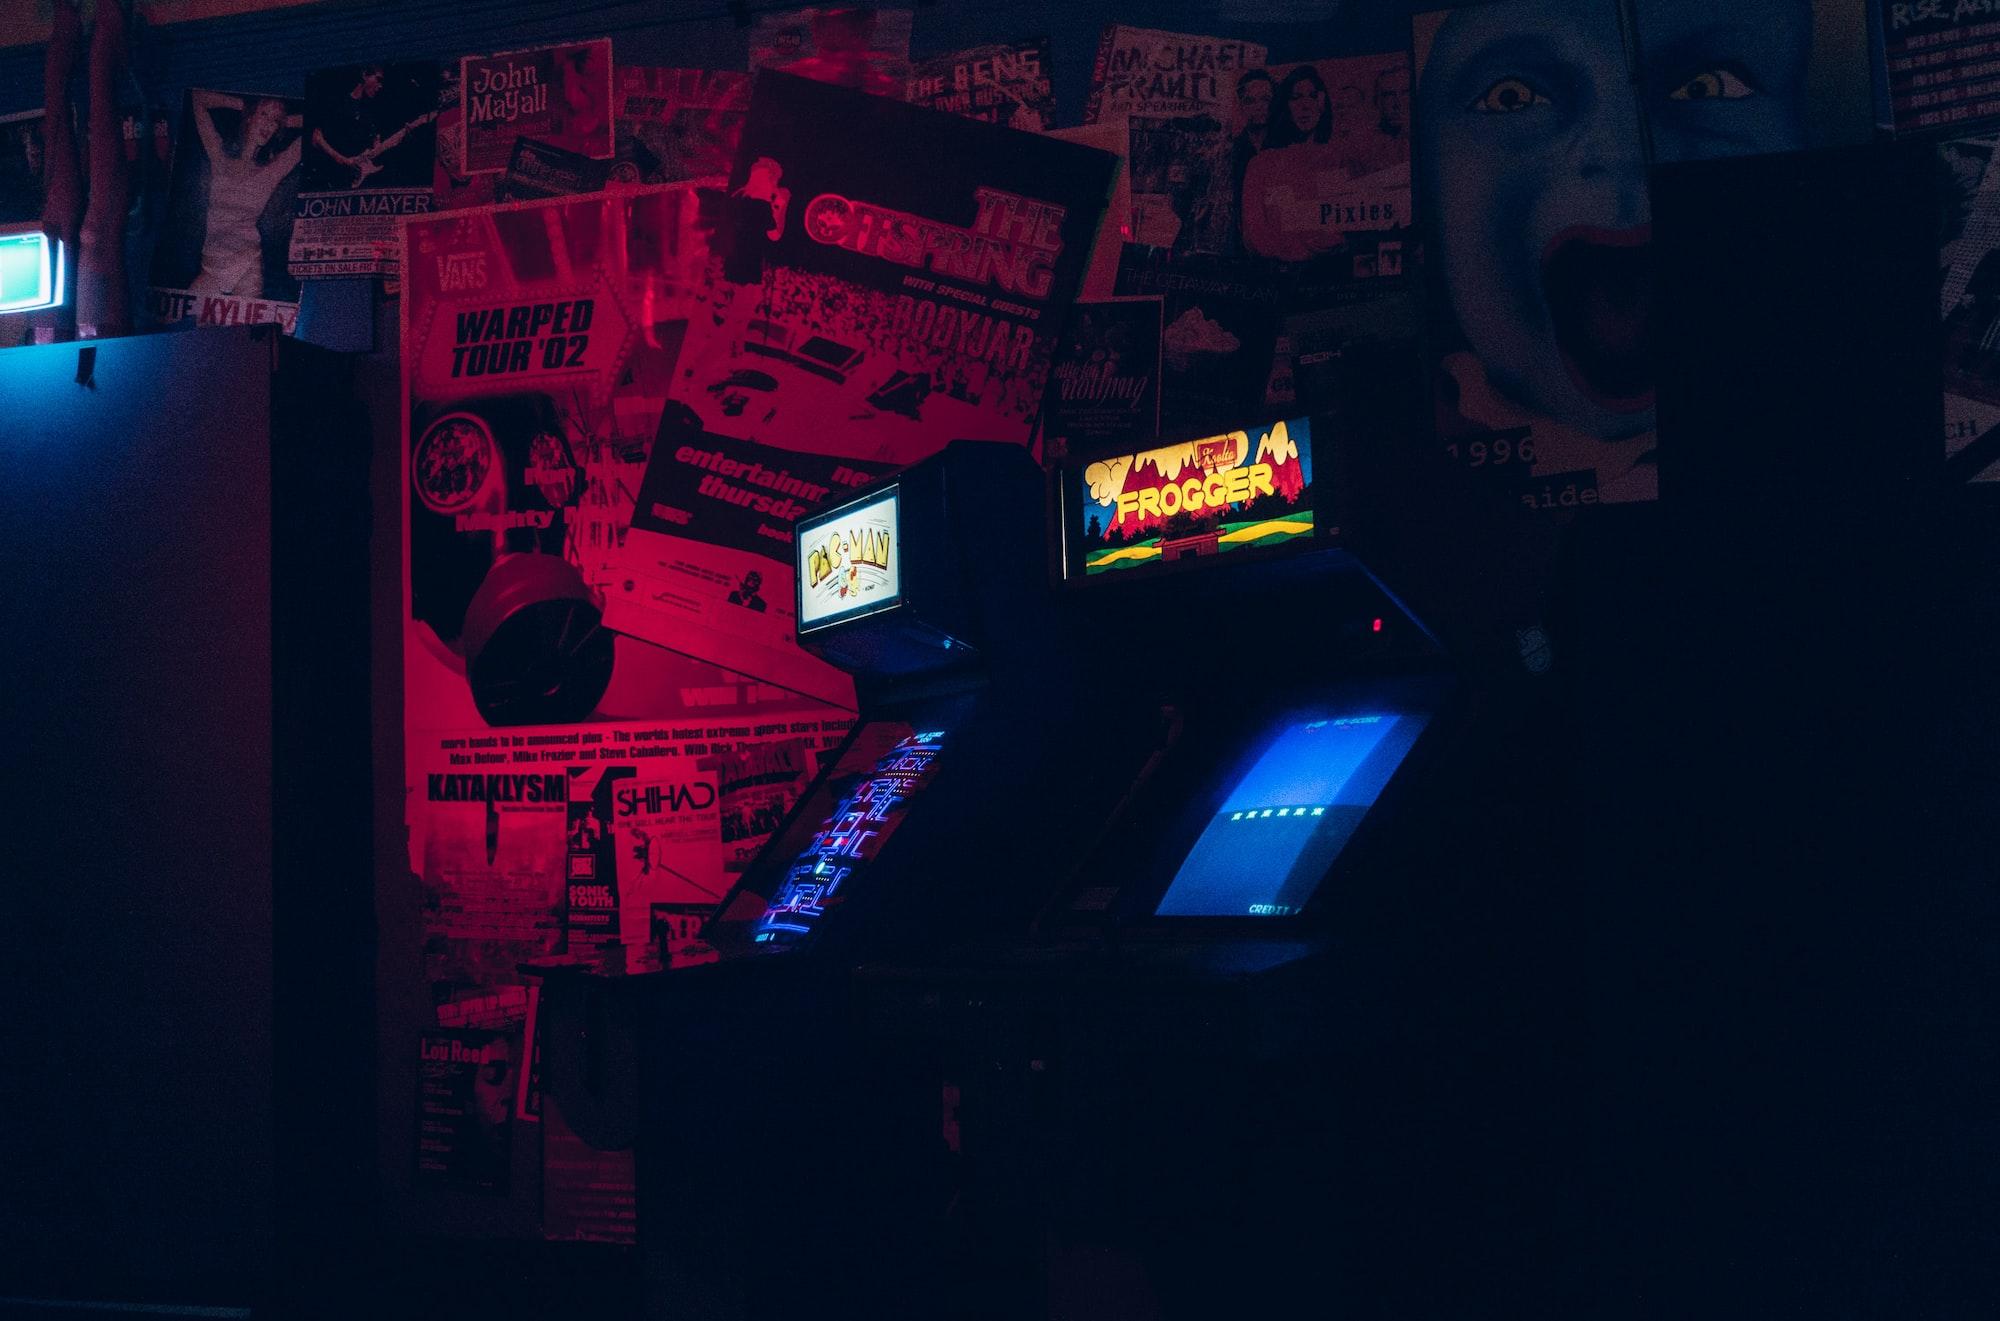 Arcade Dreams